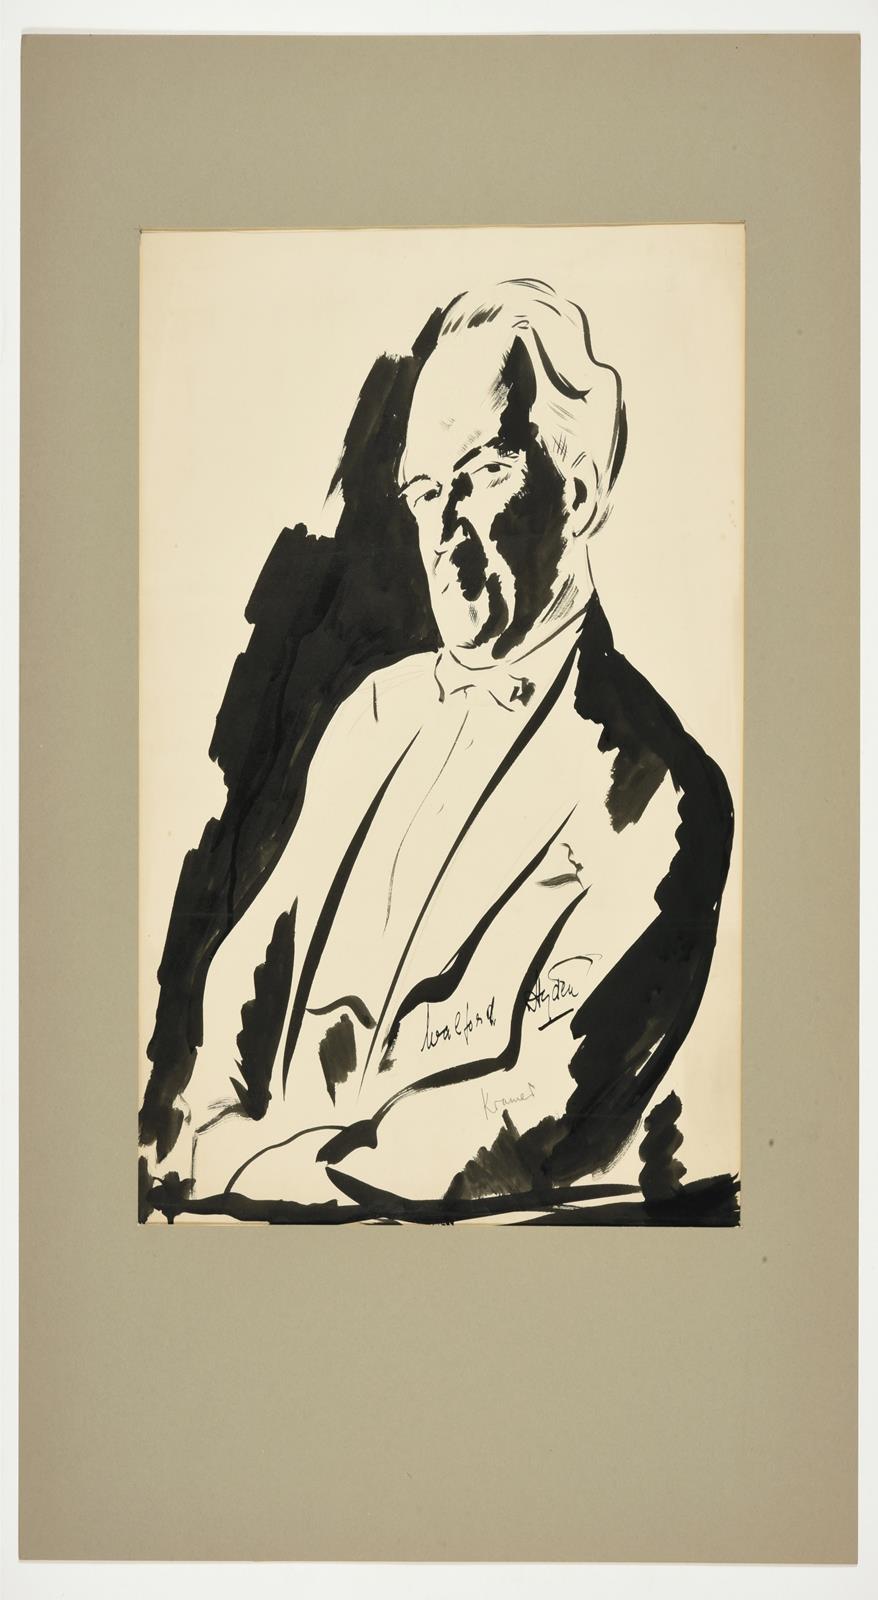 Jacob Kramer (1892-1962) ''Walford Hyden'', half length portrait Signed in pencil, inscribed in ink, - Image 2 of 5